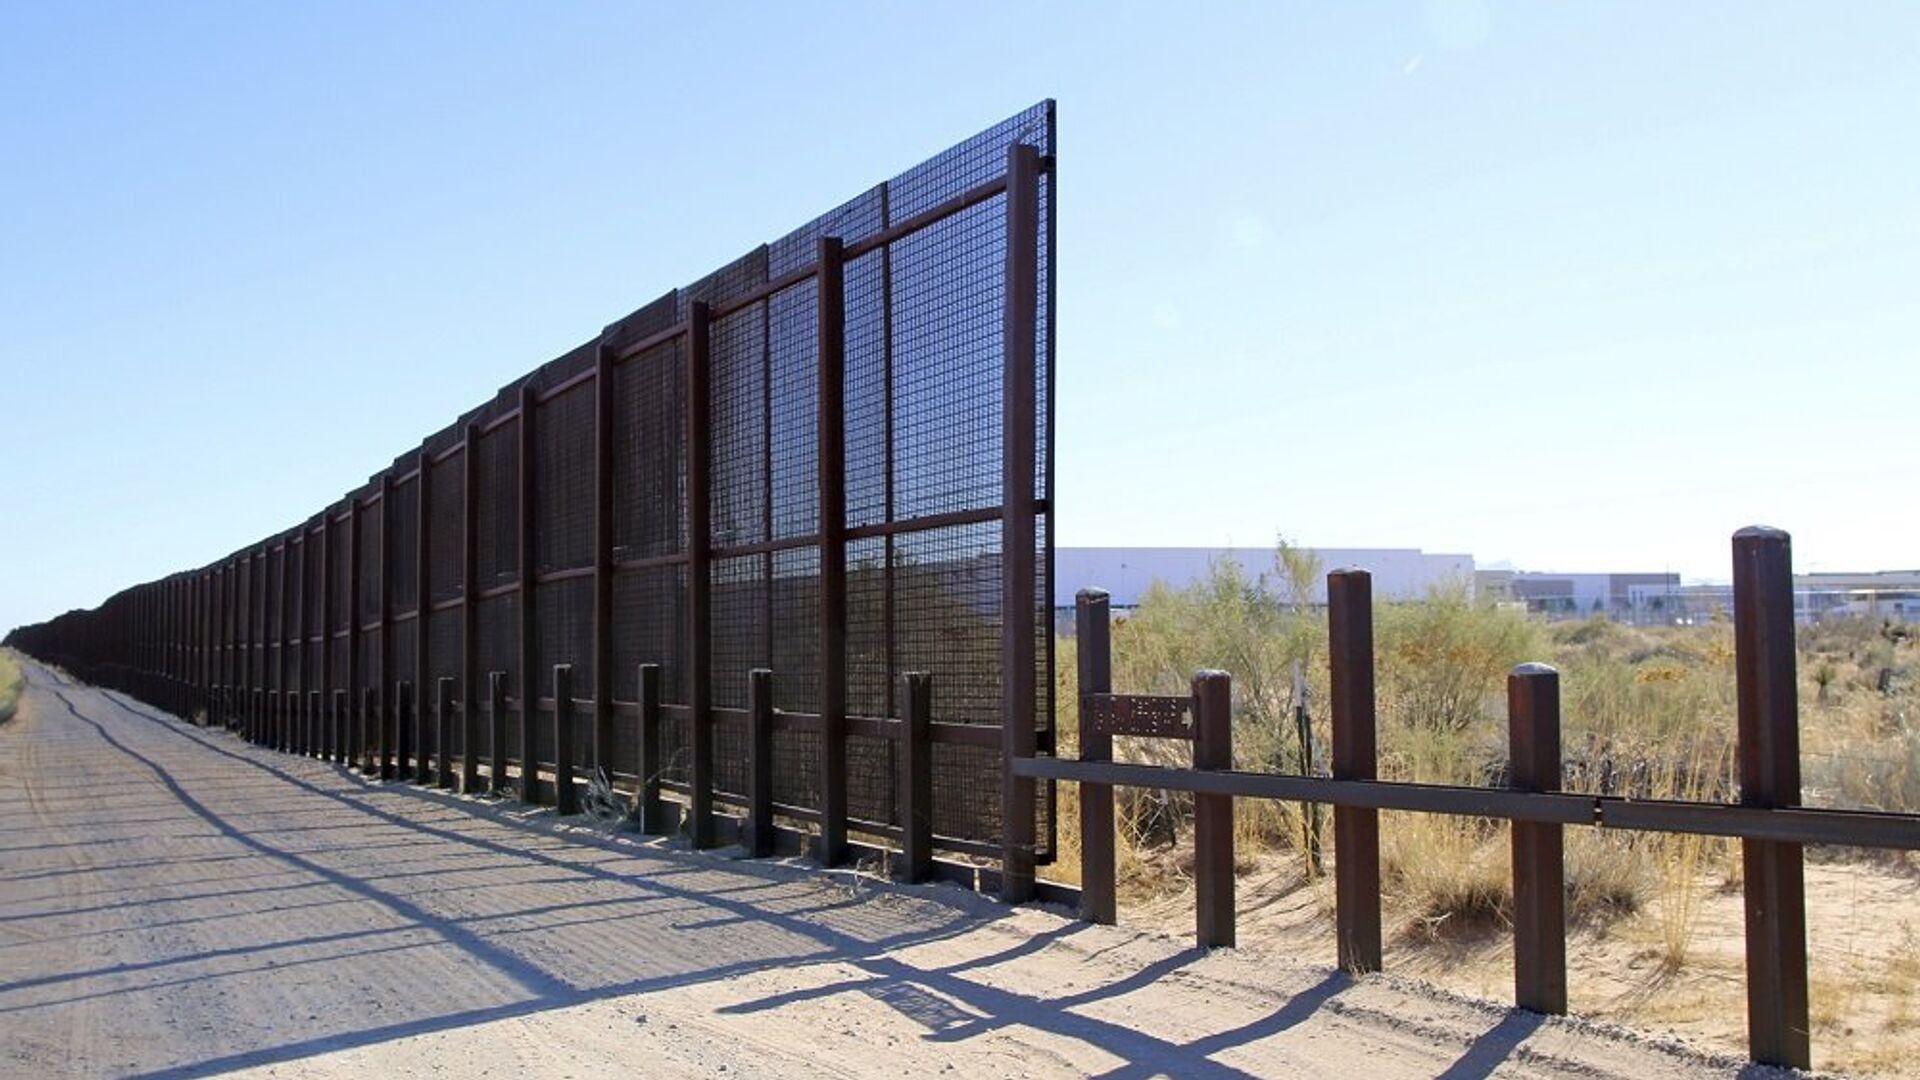 Τείχος στα σύνορα ΗΠΑ - Μεξικού - Sputnik Ελλάδα, 1920, 13.10.2021